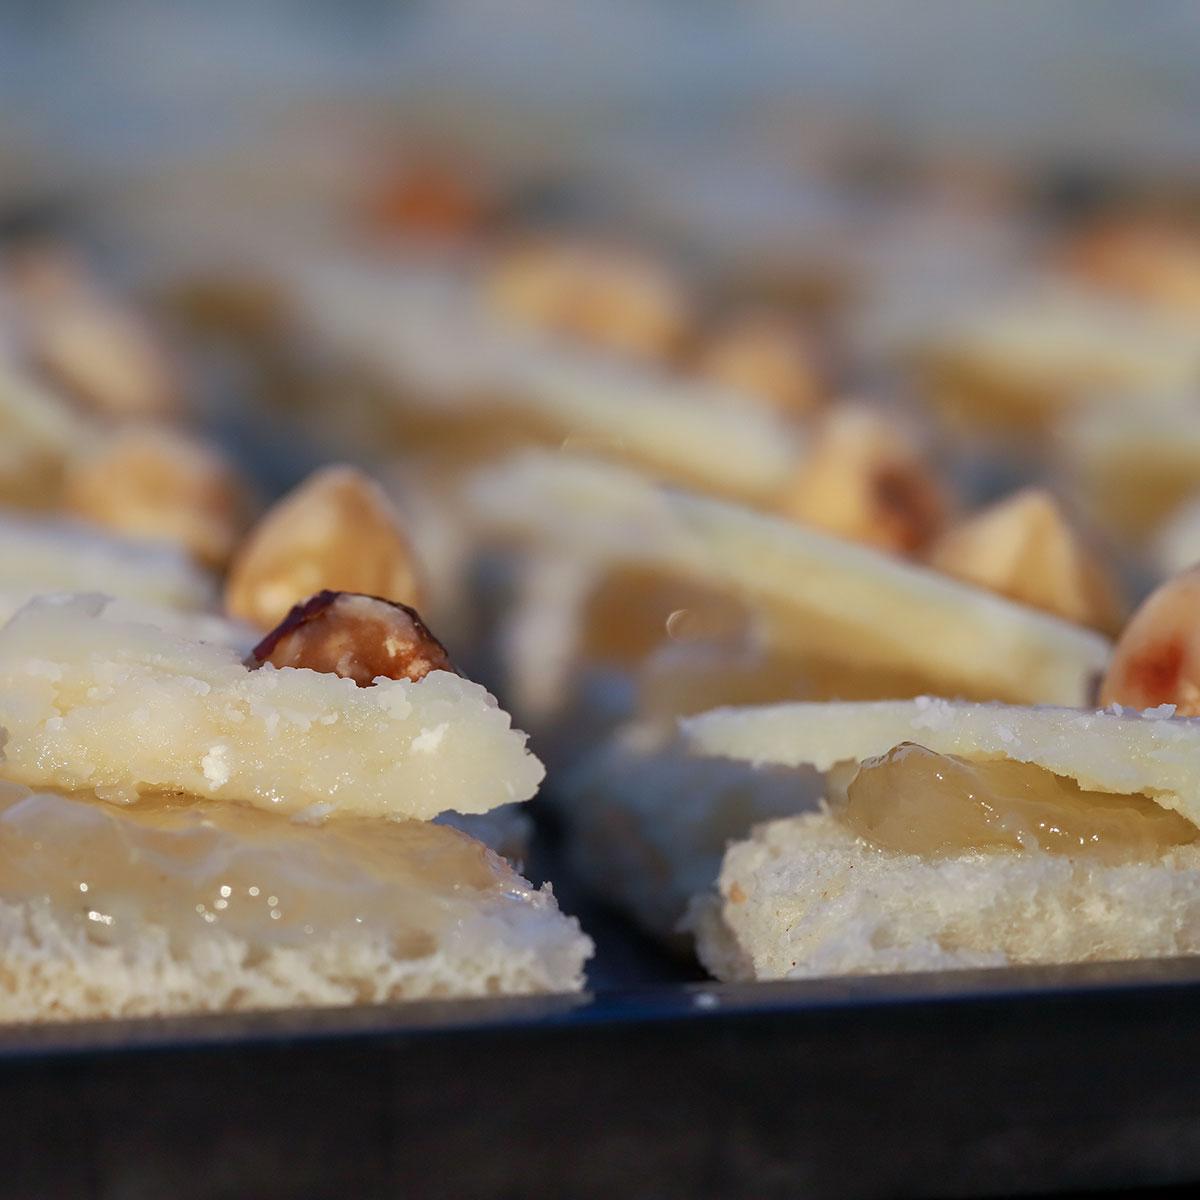 Antipasti per aperitivo | Negriricevimenti.com